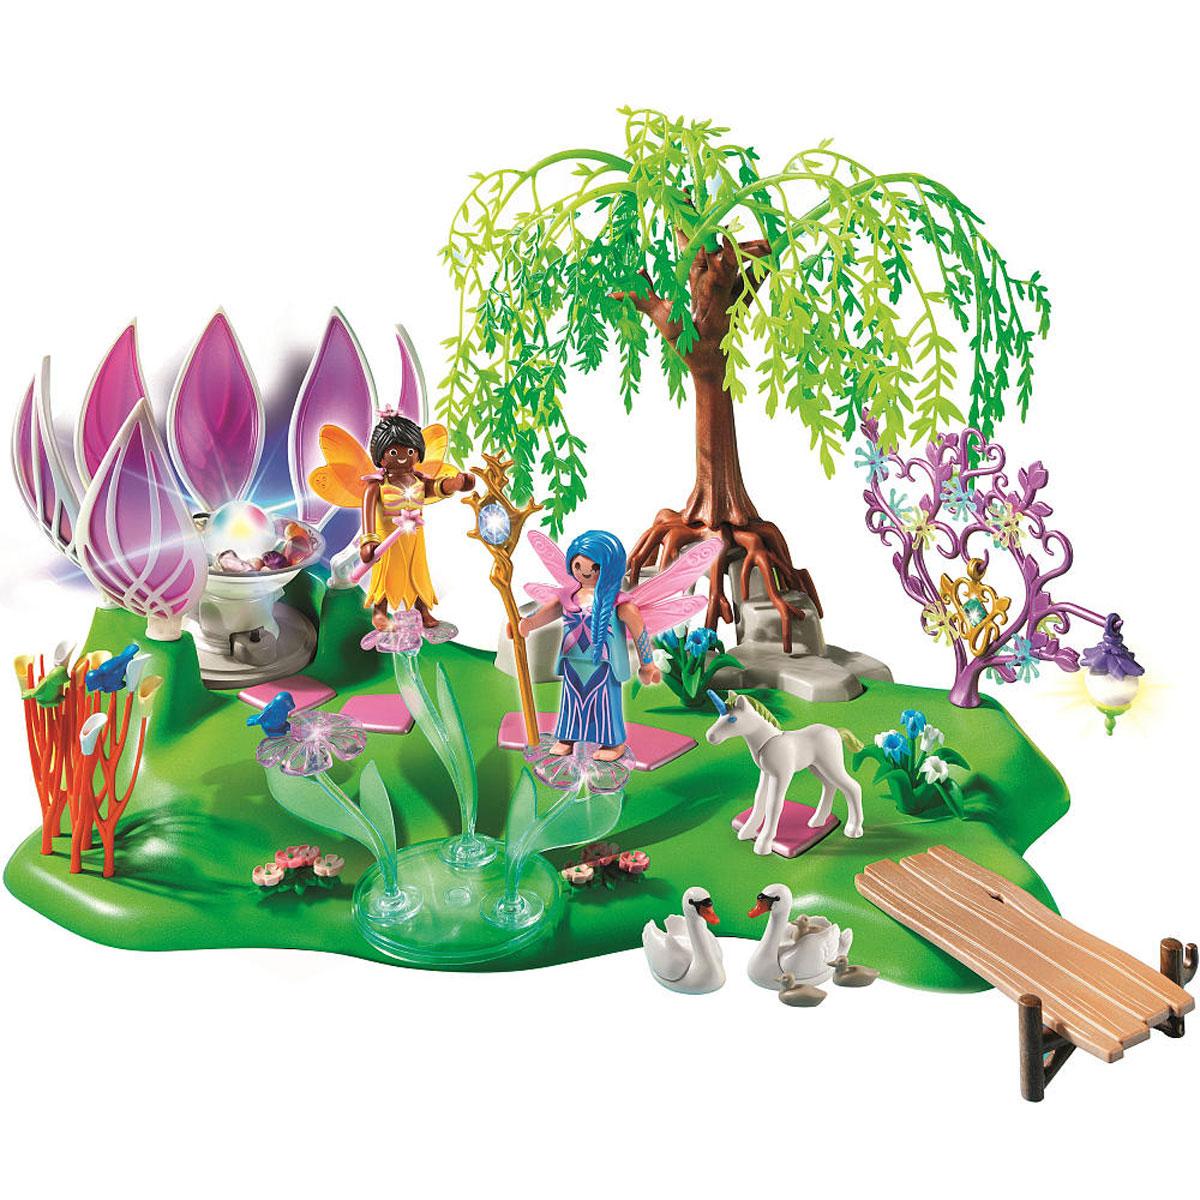 Playmobil Игровой набор Остров фей с волшебным жемчужным фонтаном5444pmИгровой набор Playmobil Остров фей с волшебным жемчужным фонтаном обязательно понравится вашему ребенку. Он выполнен из безопасного пластика и включает две фигурки в виде фей, фигурки в виде Пегаса, лебедей и птичек, площадку в виде уютного острова, кулон для малышки, подставку для драгоценностей в виде дерева и другие аксессуары для игры. У фей подвижные части тела; в руках они могут удерживать предметы. На сказочном острове прекрасные феи найдут все, что им необходимо для отдыха. В большом бутоне цветка спрятан источник волшебной энергии, который светится и переливается разными цветами. Лепестки источника подвижны. Феи просто обожают кататься на карусели из цветка. В этом лесу все волшебное: и животные, и растения, и даже фонарик. Он начинает светиться в темноте (батарейки не требуются). Вместе с феями резвятся единорог, лебеди и птички. Ваш ребенок с удовольствием будет играть с набором, придумывая волшебные истории. Рекомендуемый возраст: от 4 до 10 лет....